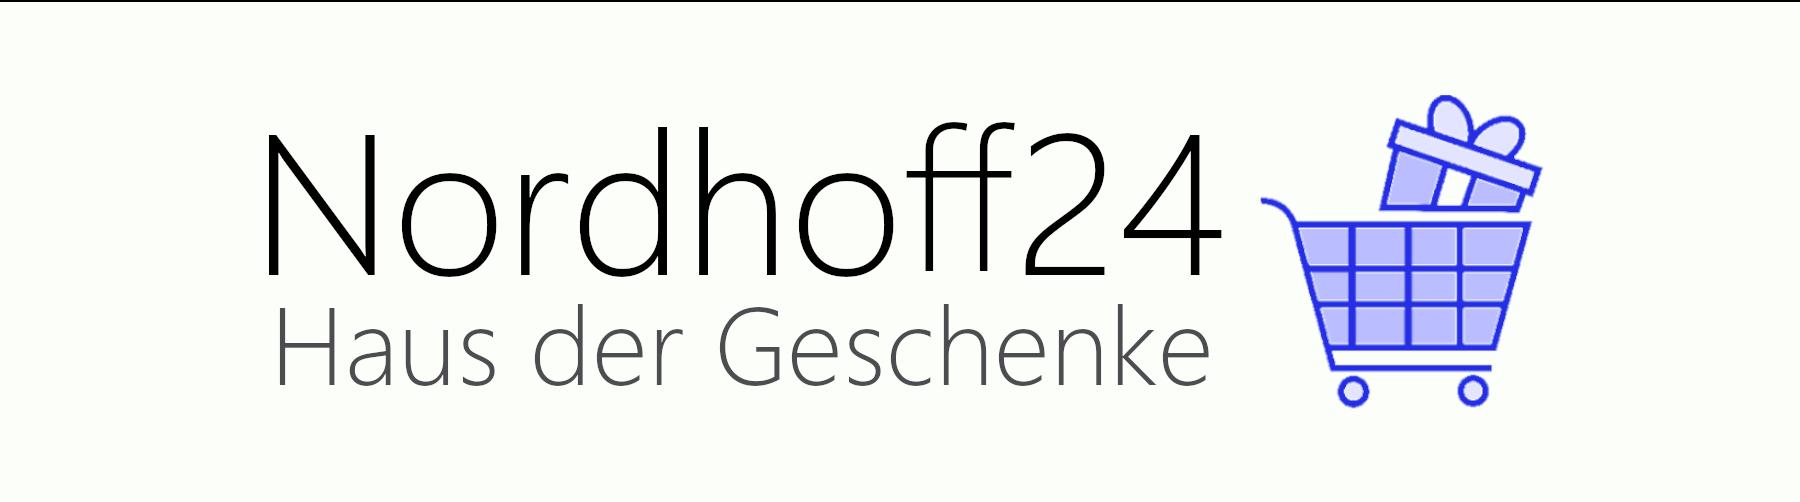 C. R. Nordhoff ~ Haus der Geschenke